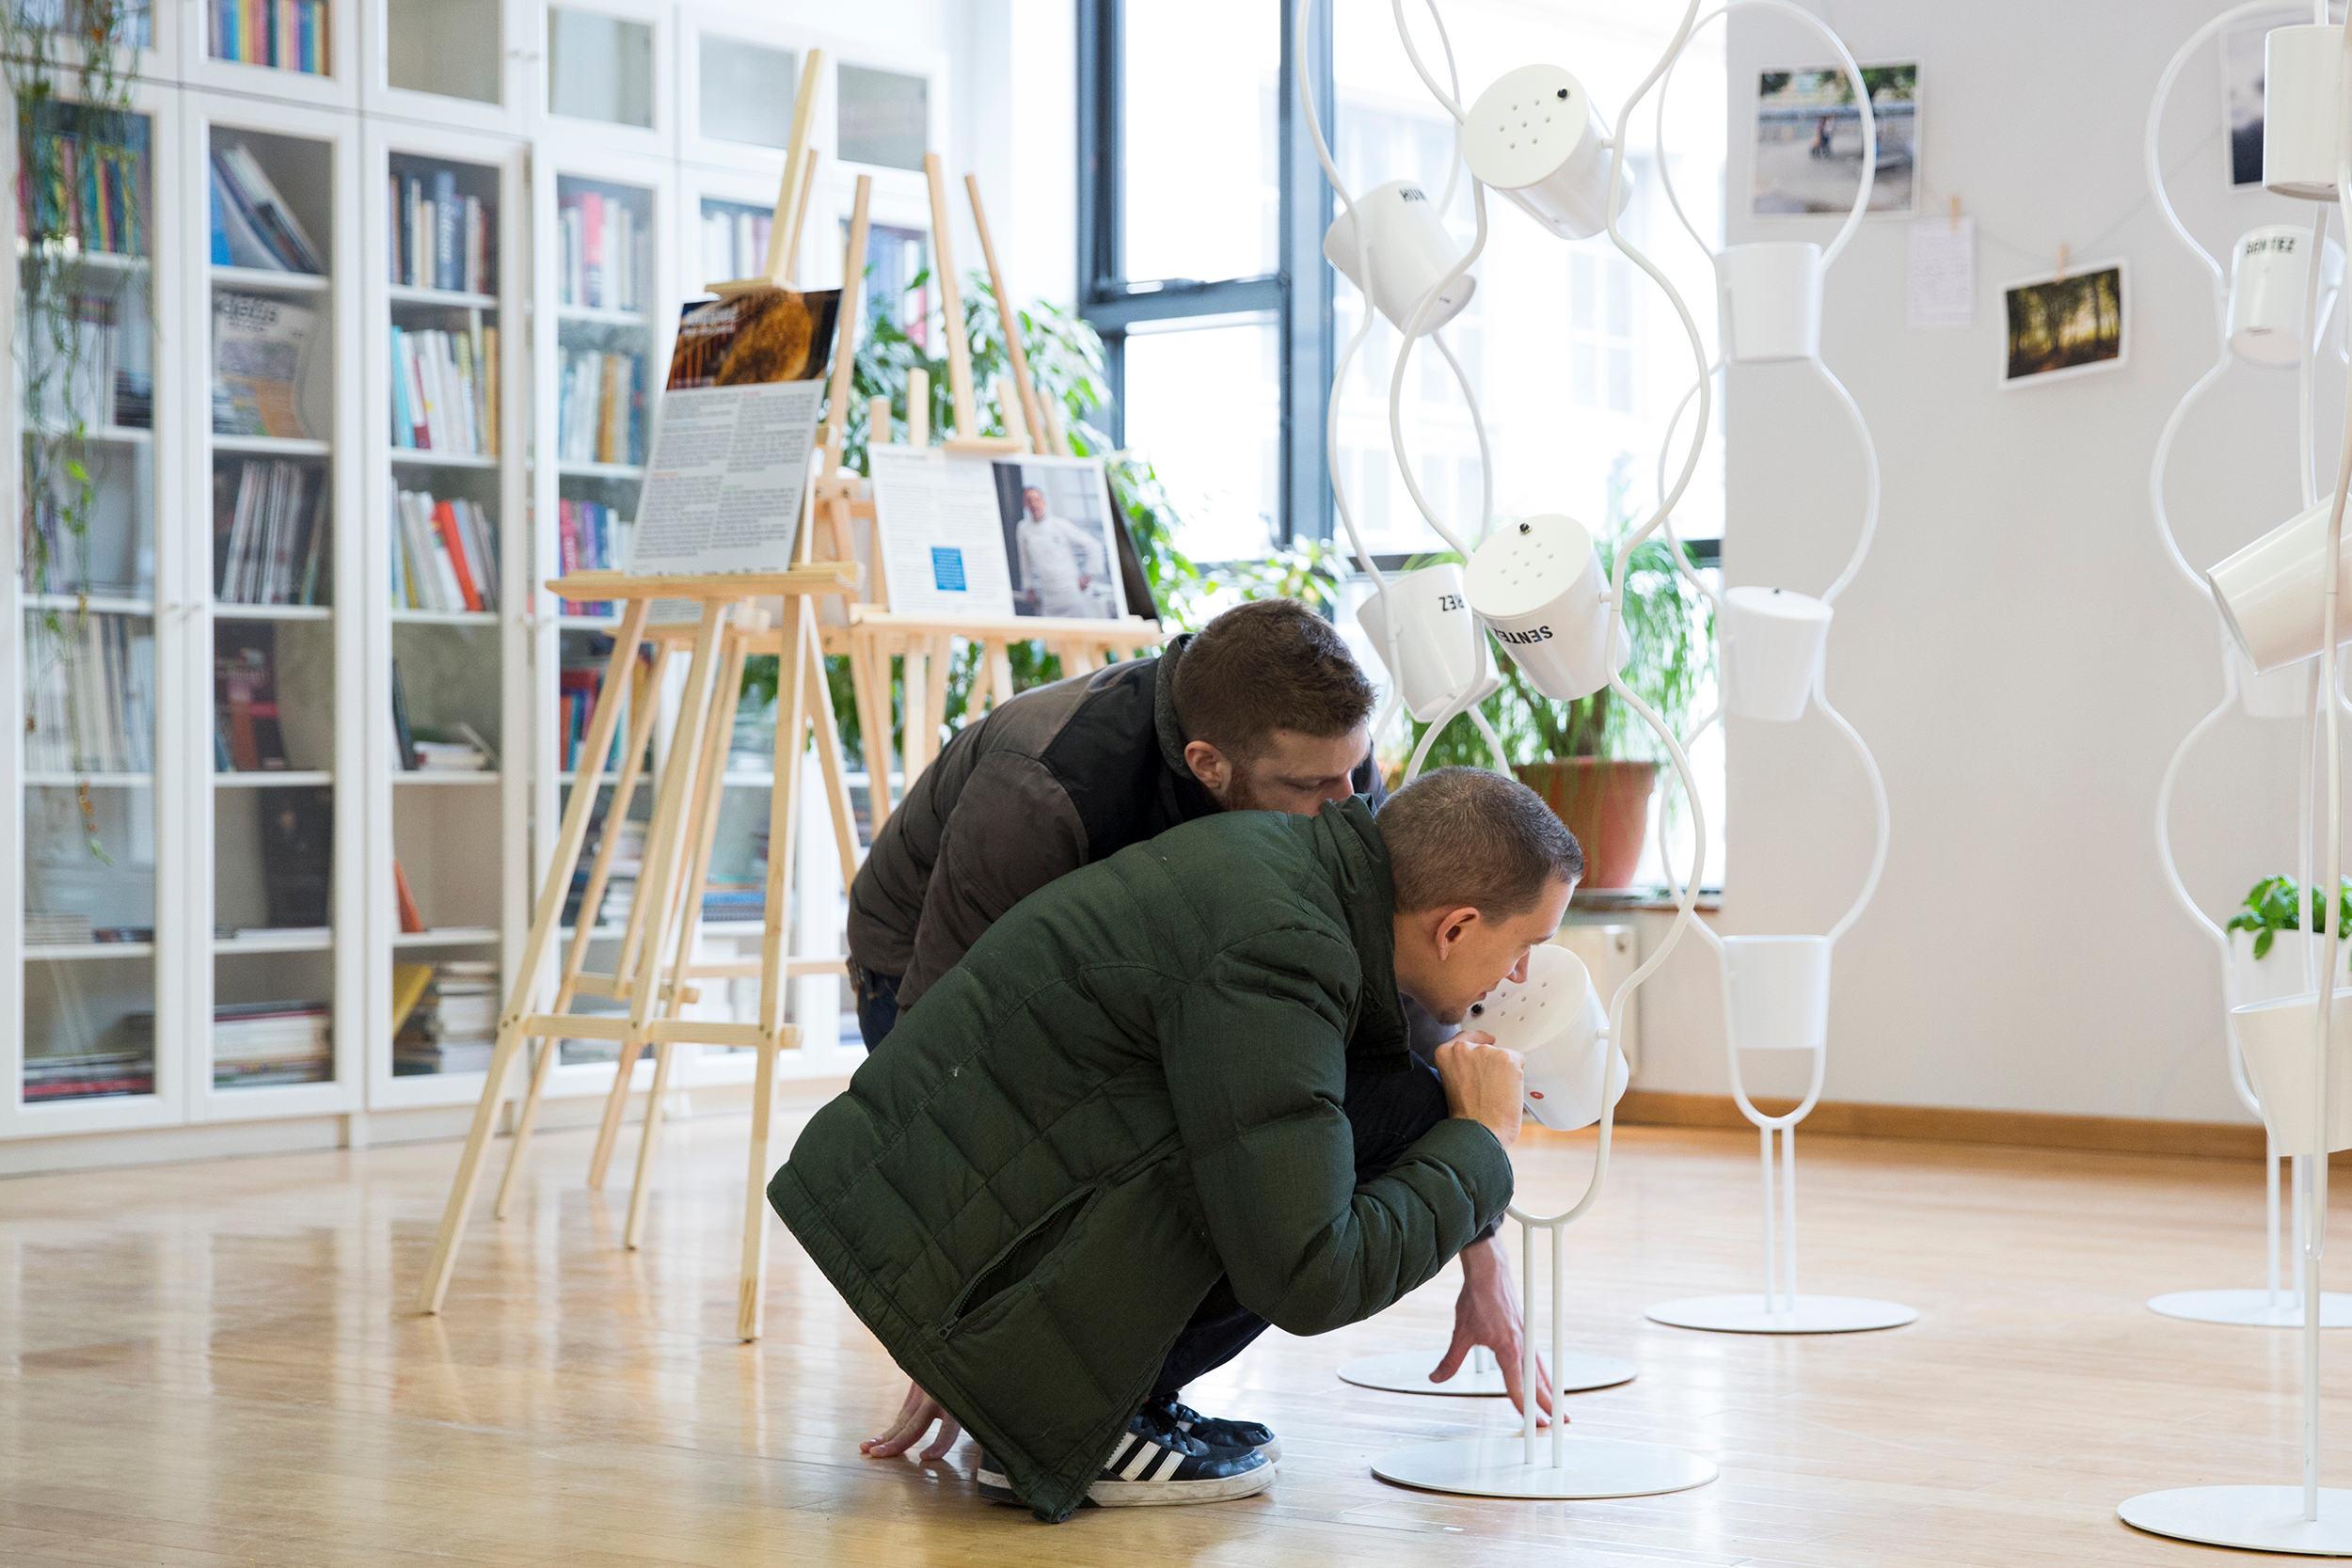 Vue de l'exposition « Anosmie, vivre sans odorat » à l'Espace Pierre-Gilles de Gennes à Paris, Eléonore de Bonneval, 2015